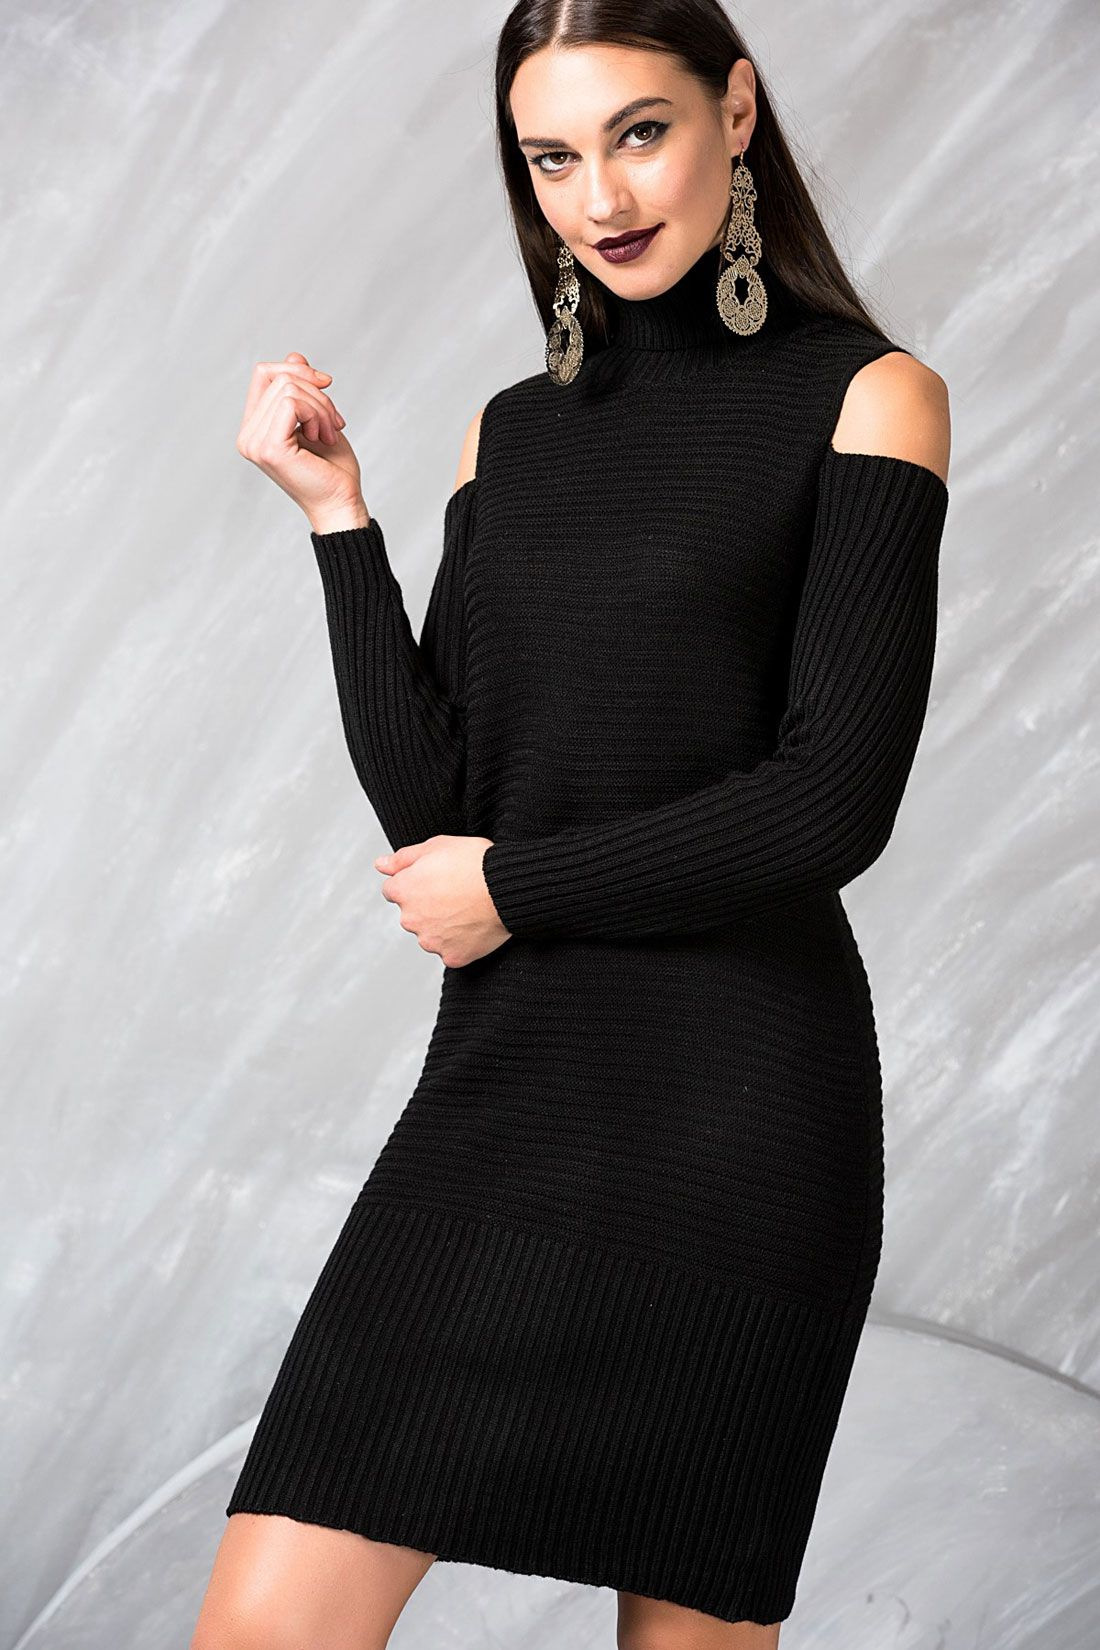 a7d406e2b0bb3 Triko elbise soğuk havalarda içinizi ısıtacak kadın modasındaki son  trendler Tasarımlarımızı keşfedin! Triko, örgü